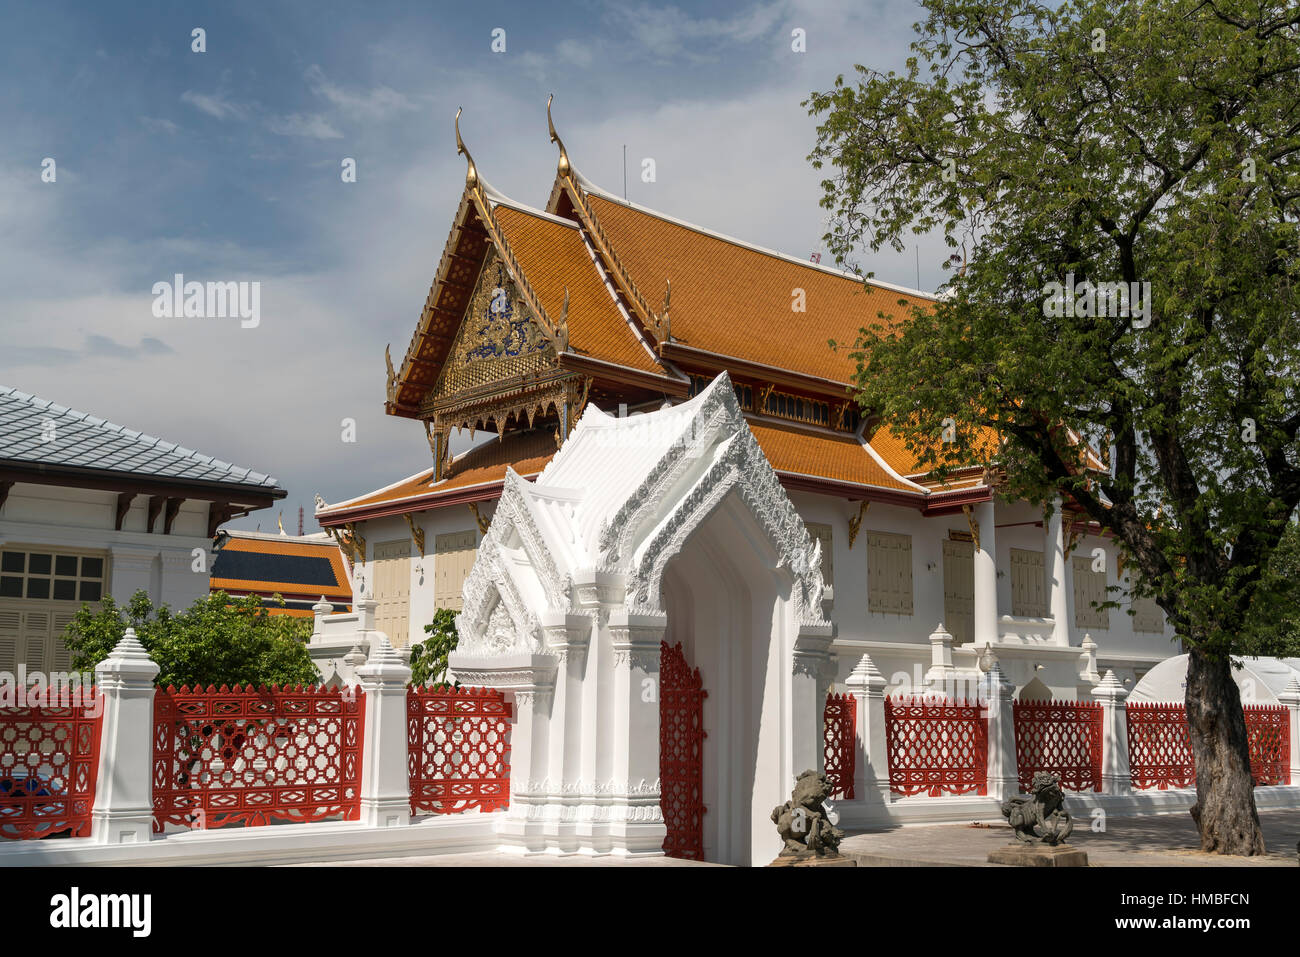 Wat Benchamabophit Dusitvanaram the marble temple, Bangkok, Thailand, Asia - Stock Image